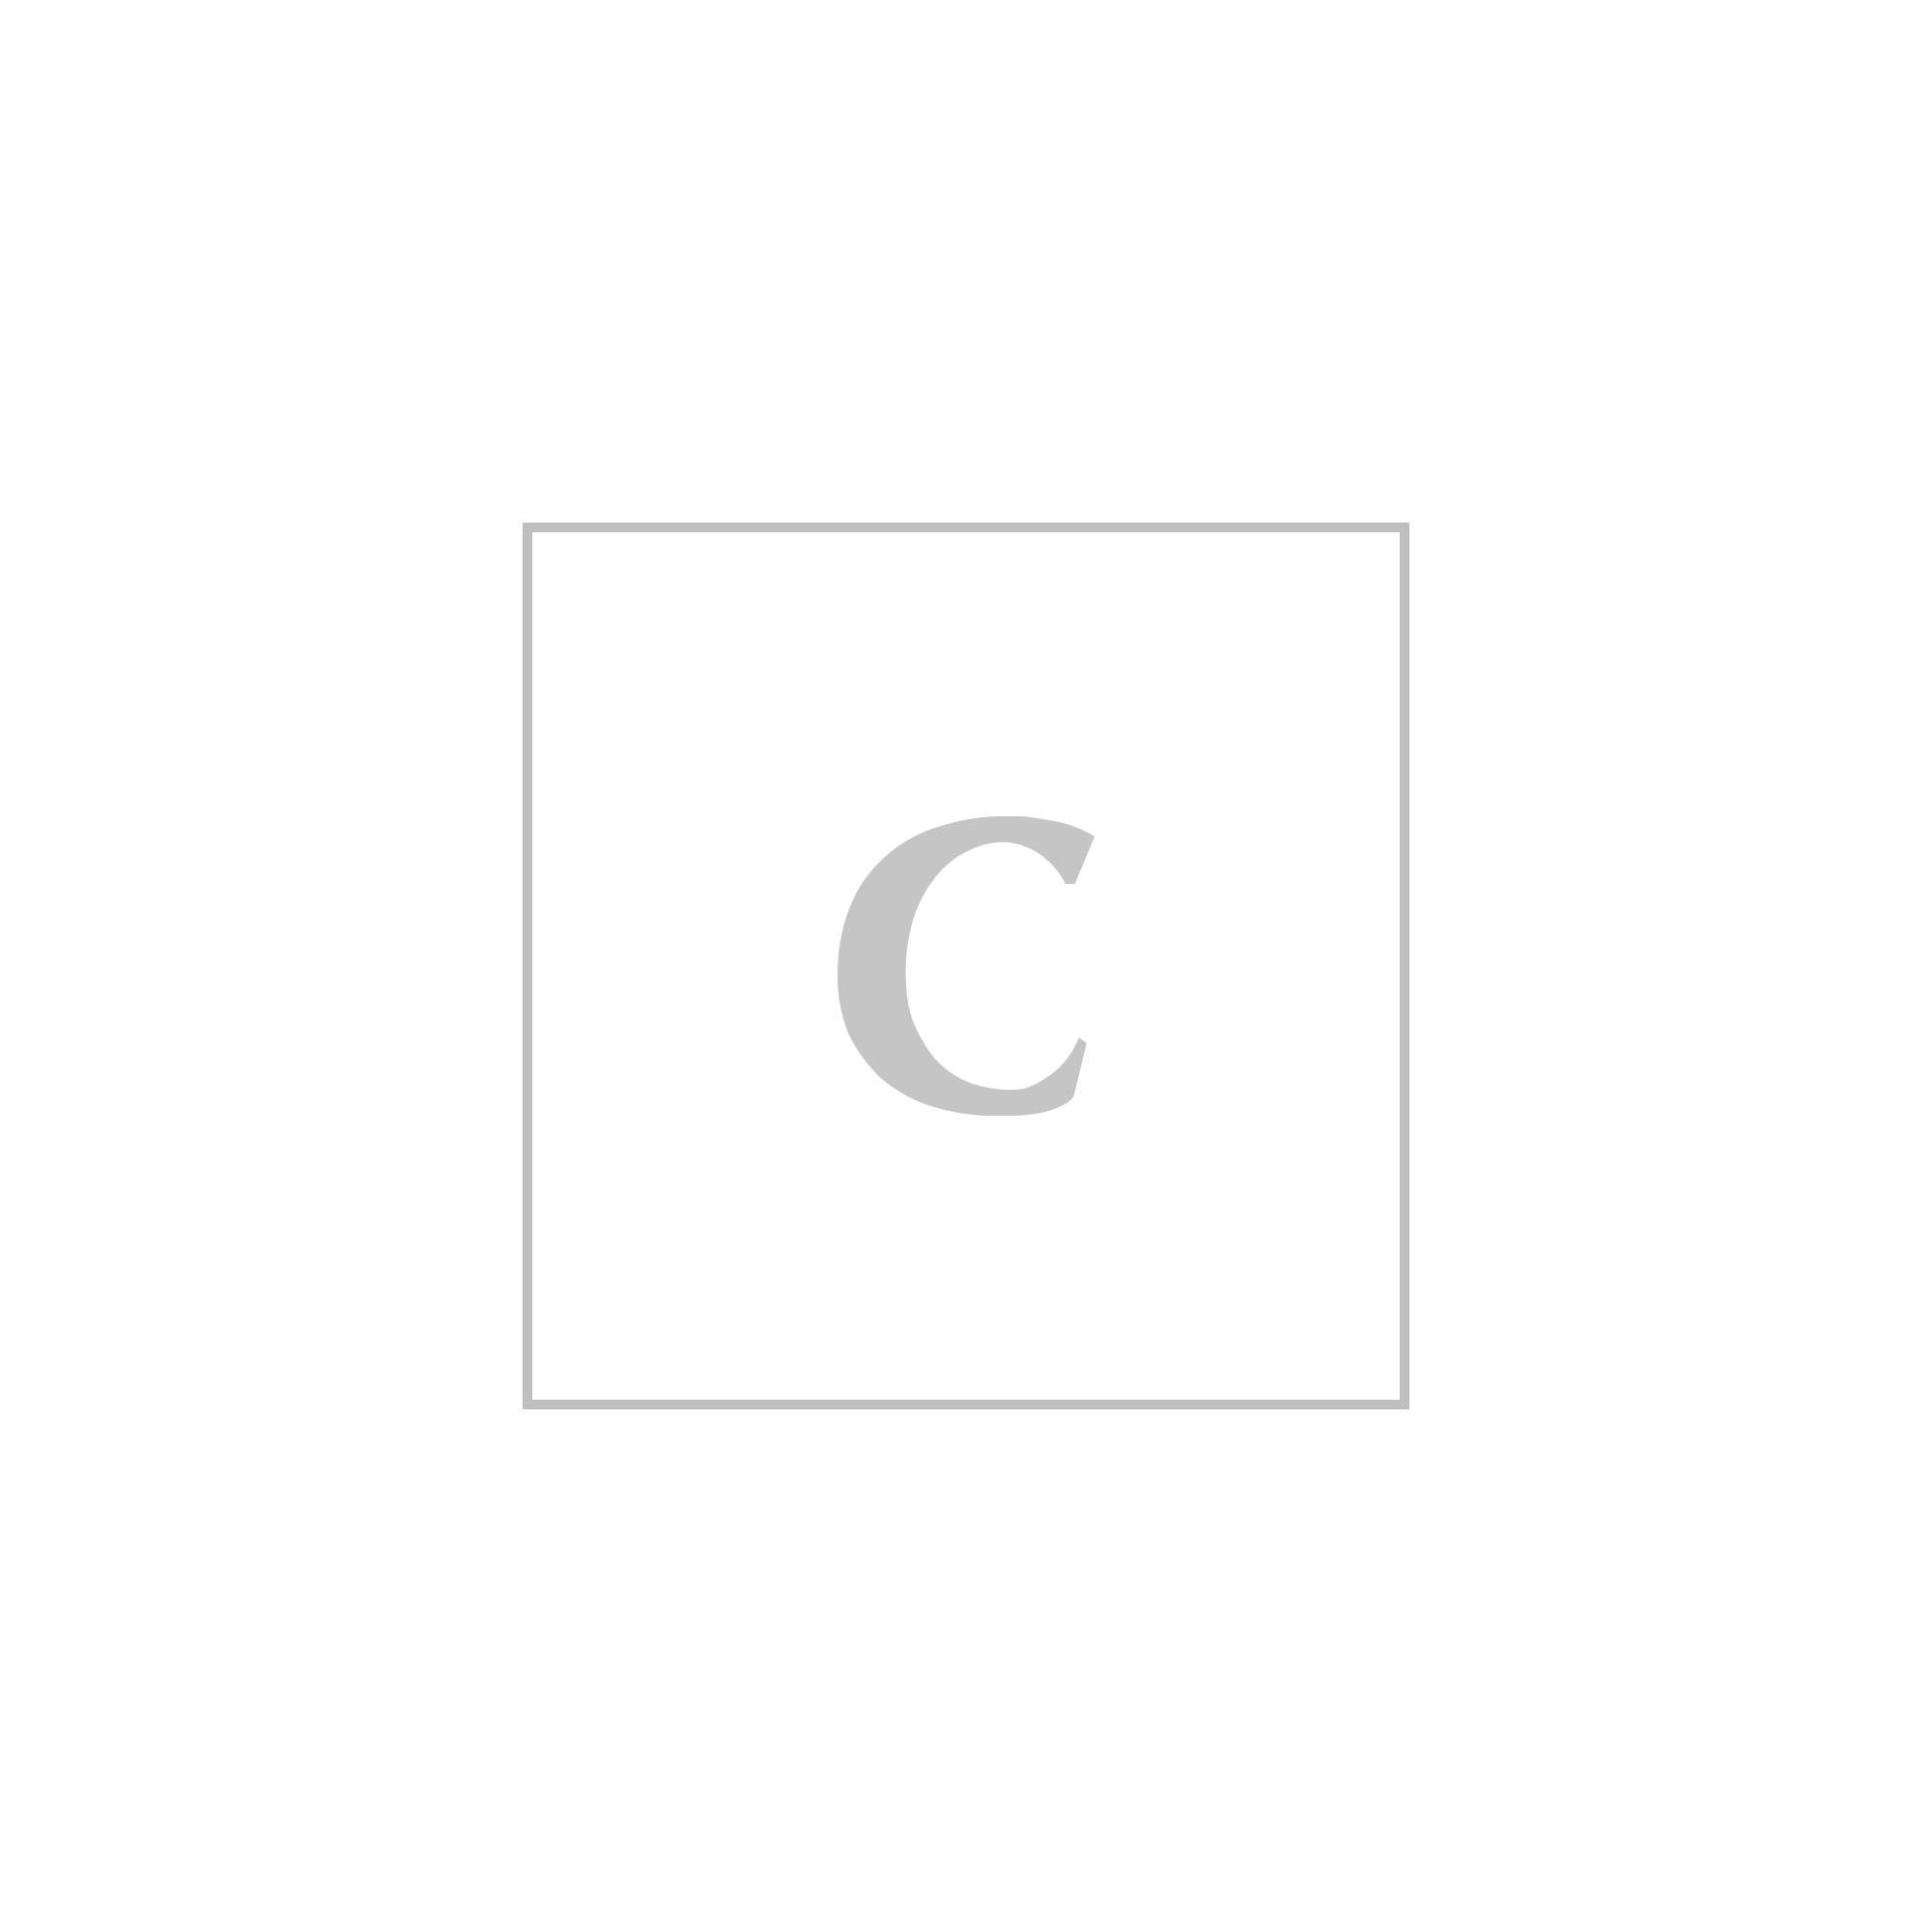 Marcelo burlon maglia los alerces symbol